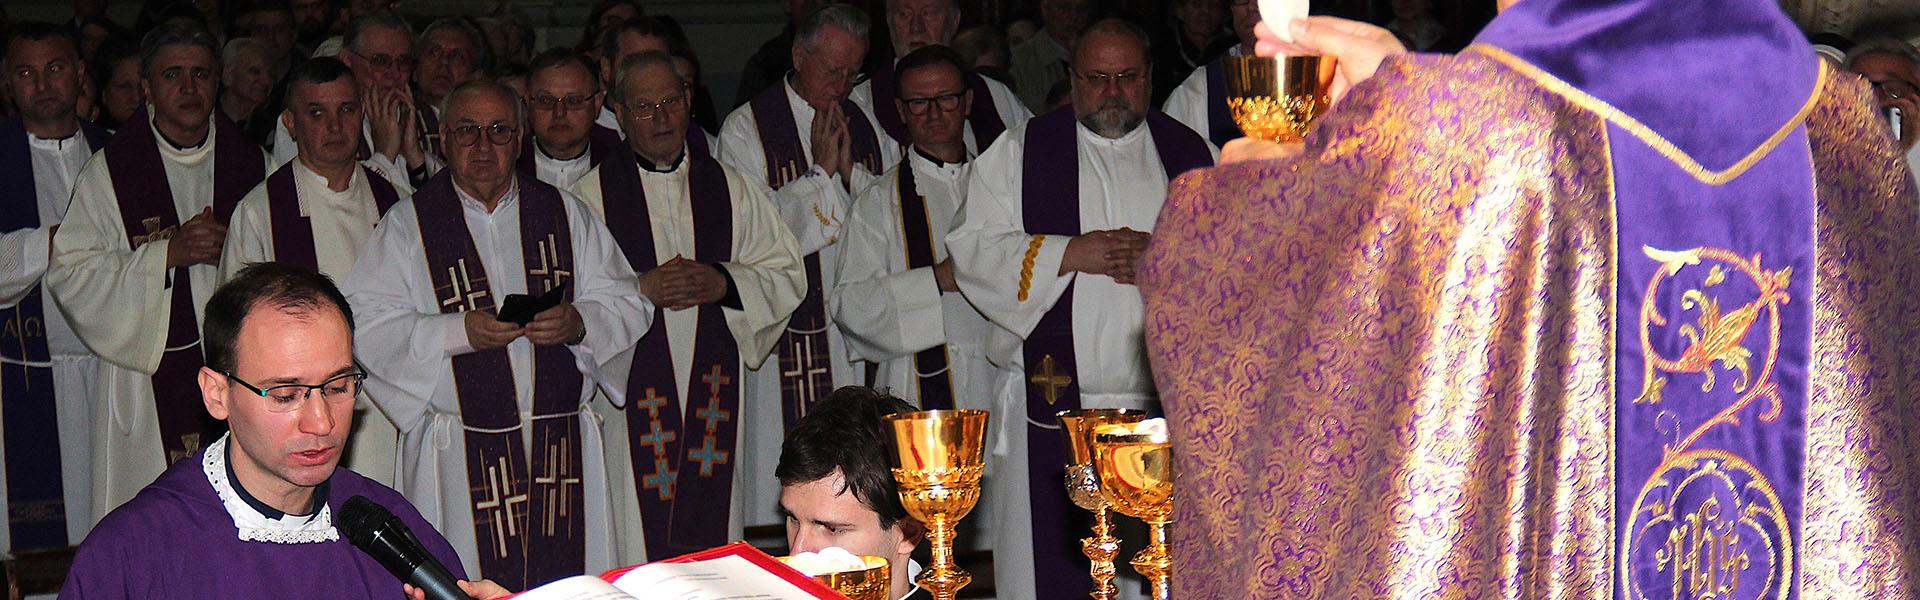 Omelia nella Basilica del Sacro Cuore – Zagabria, 22 marzo 2019